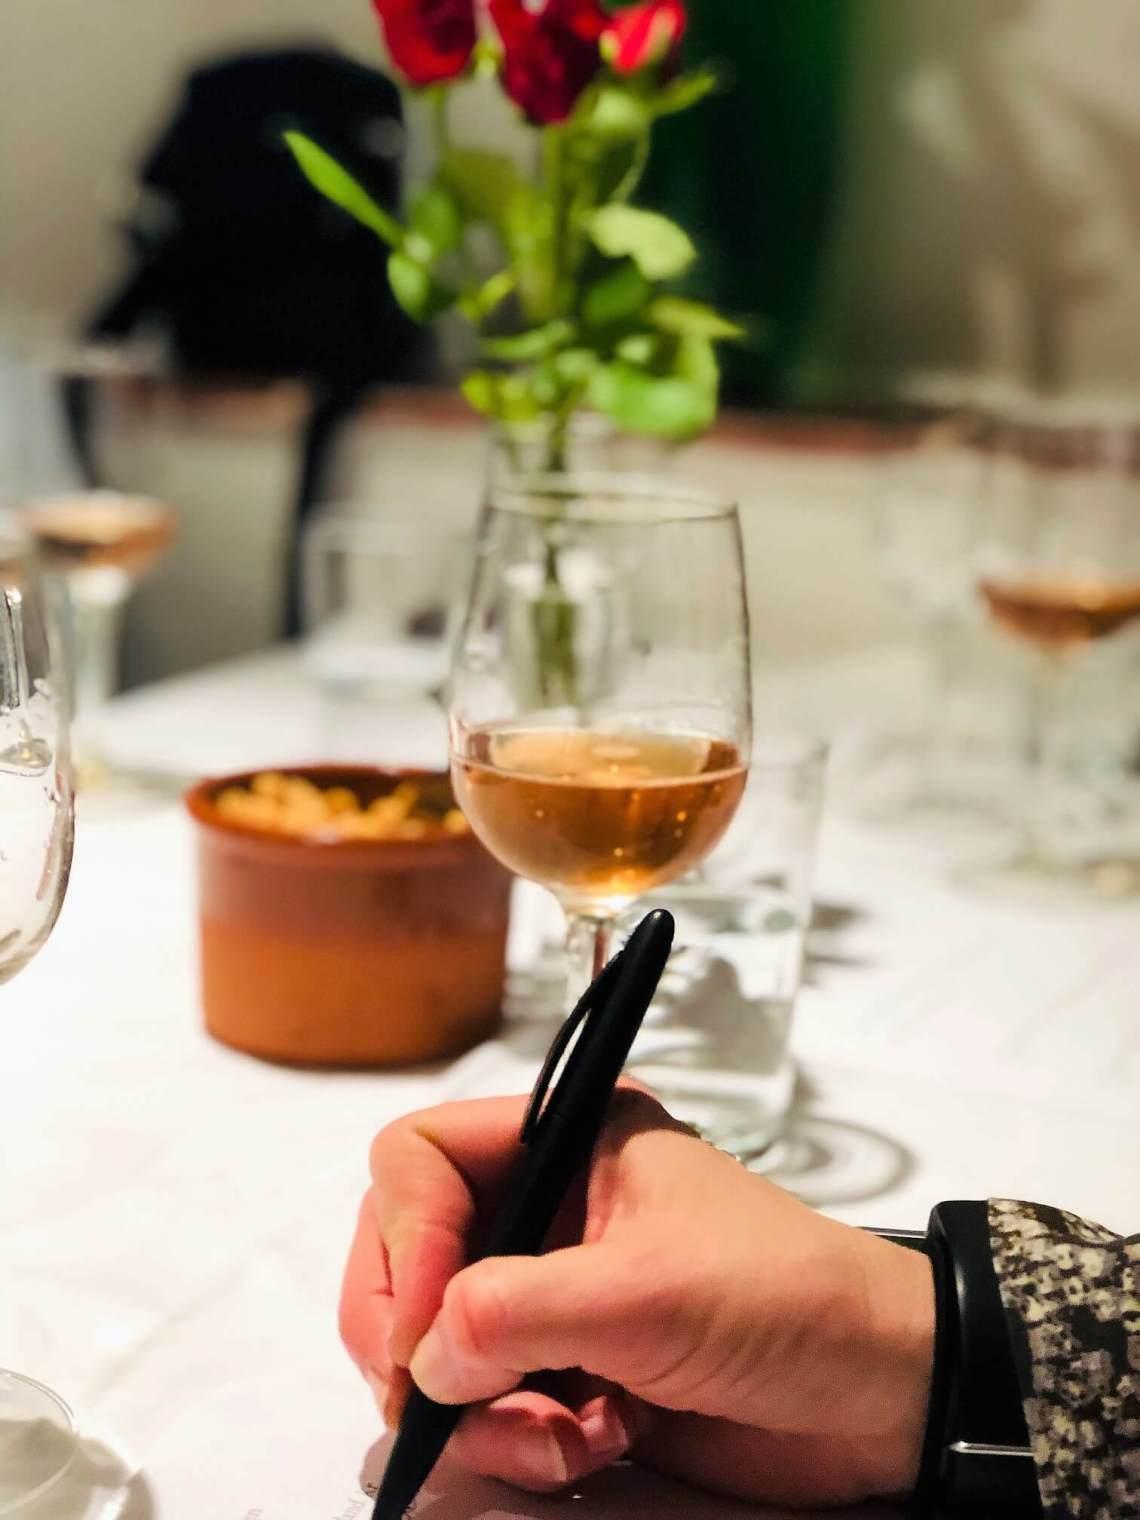 Det er tid for årets andre vinslipp i måneden med de første vårtegnene. Er du klar for å prøve noe nytt? Her er noen forslag til nye viner - vårviner. Flesteparten av dem er sprudlende, for våren må jo feires!?